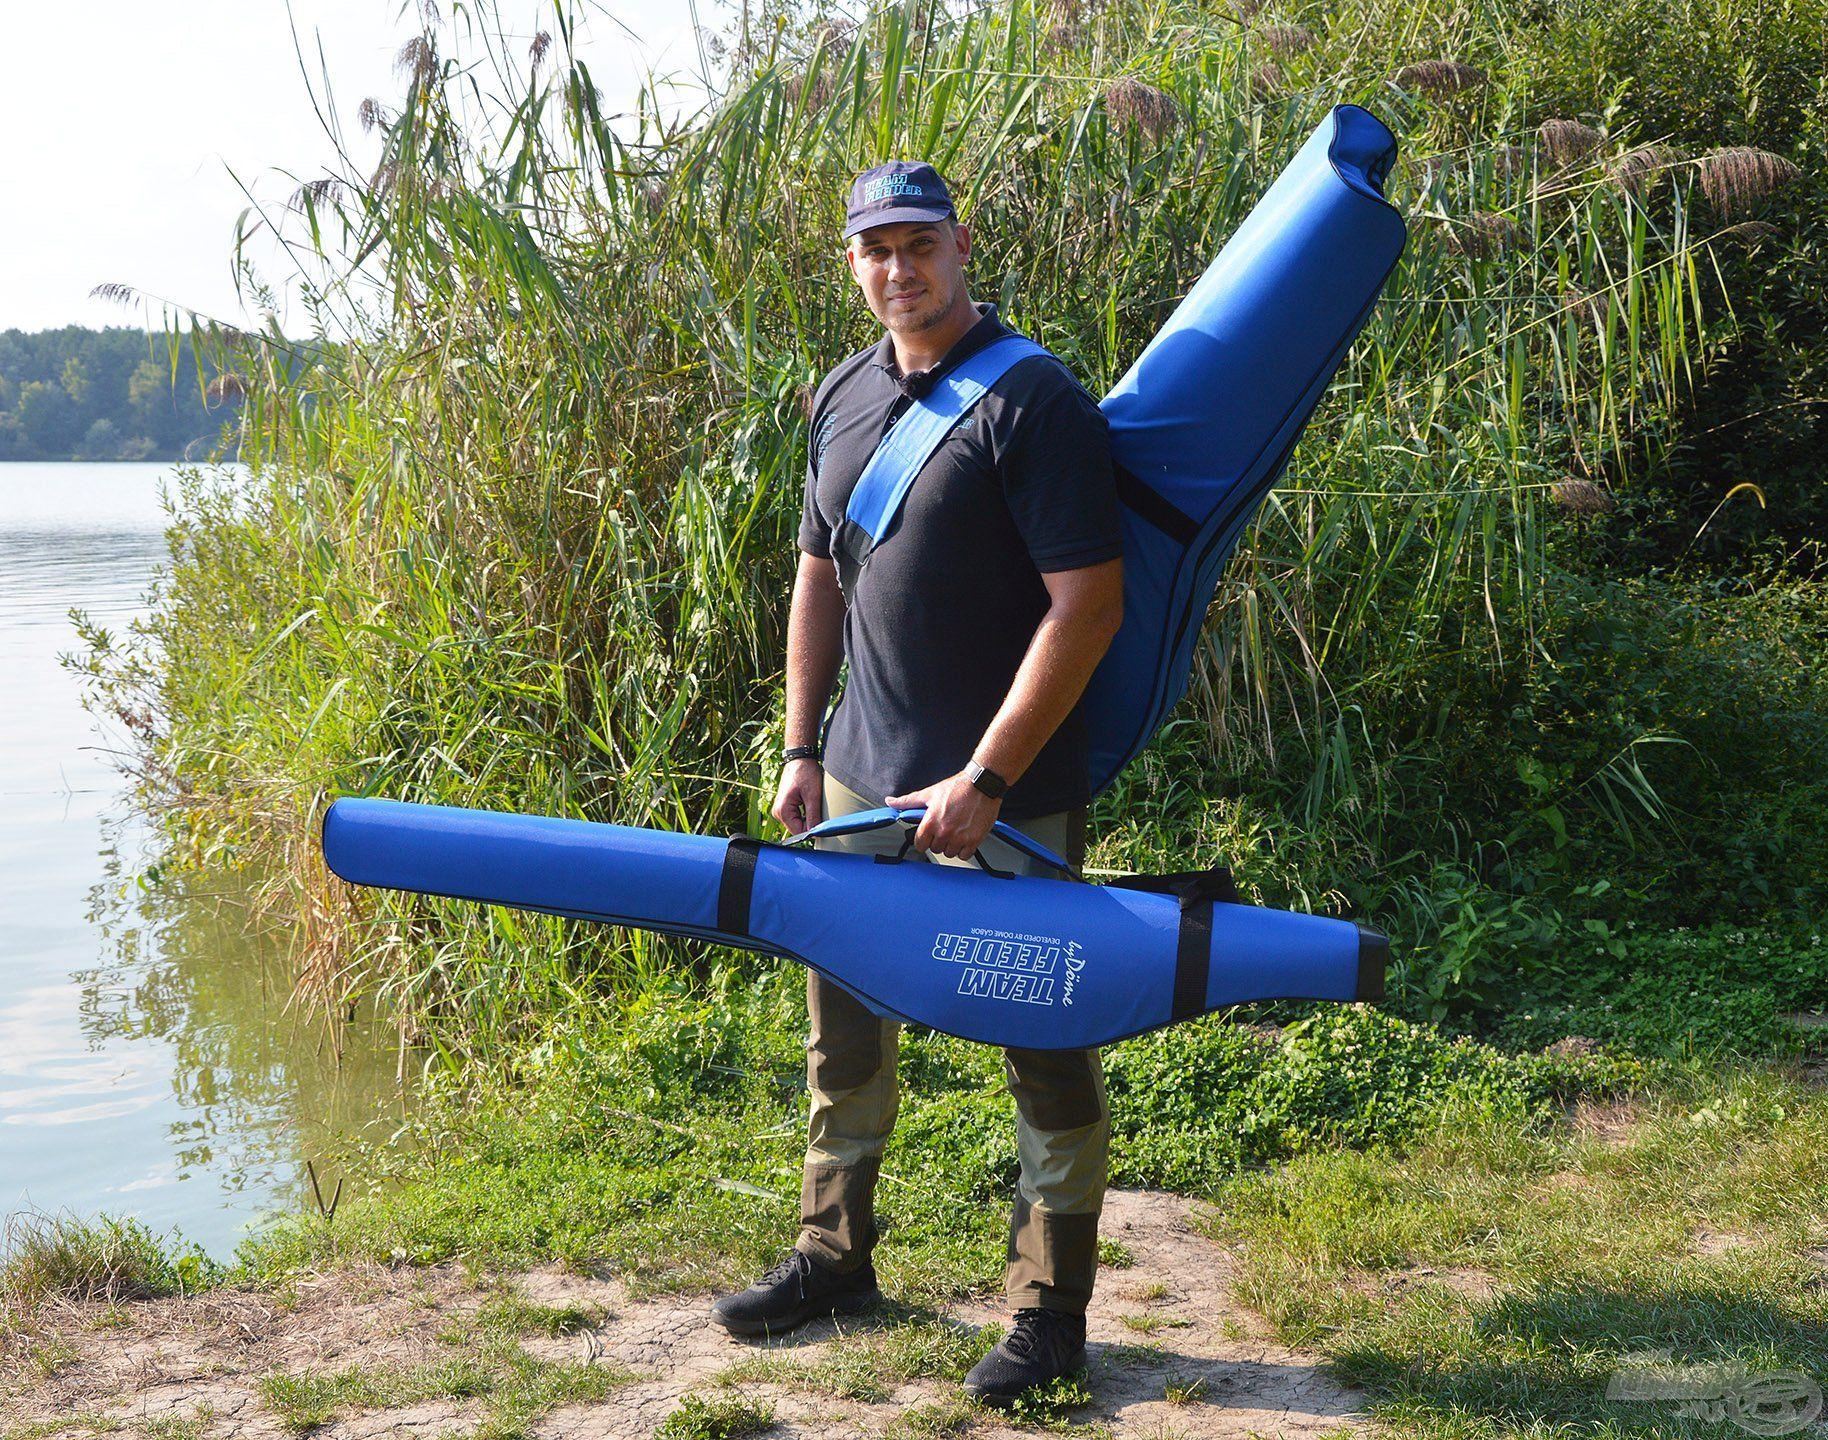 Mindkét méret kiváló társ a horgásztokhoz! Funkcionalitásuk különösen felértékelődik, ha a felszereléseket gyalog kell becipelni a horgászhelyre